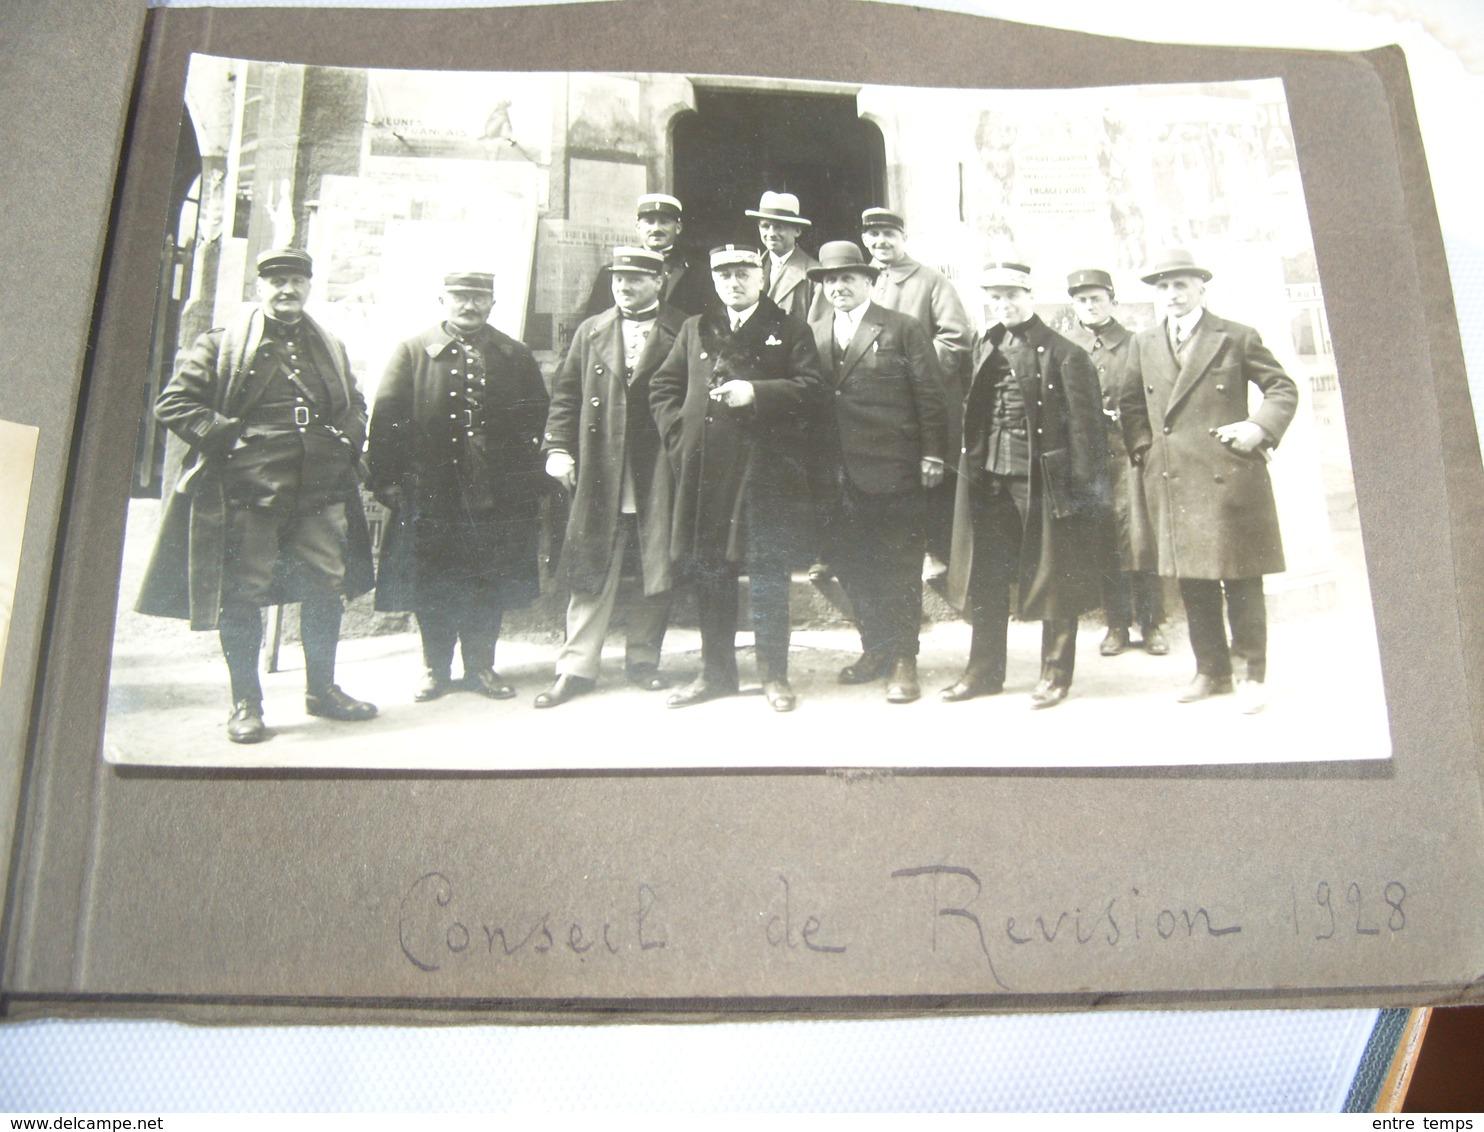 Carte Photo Ancenis 1928 Conseil De Révision - Ancenis